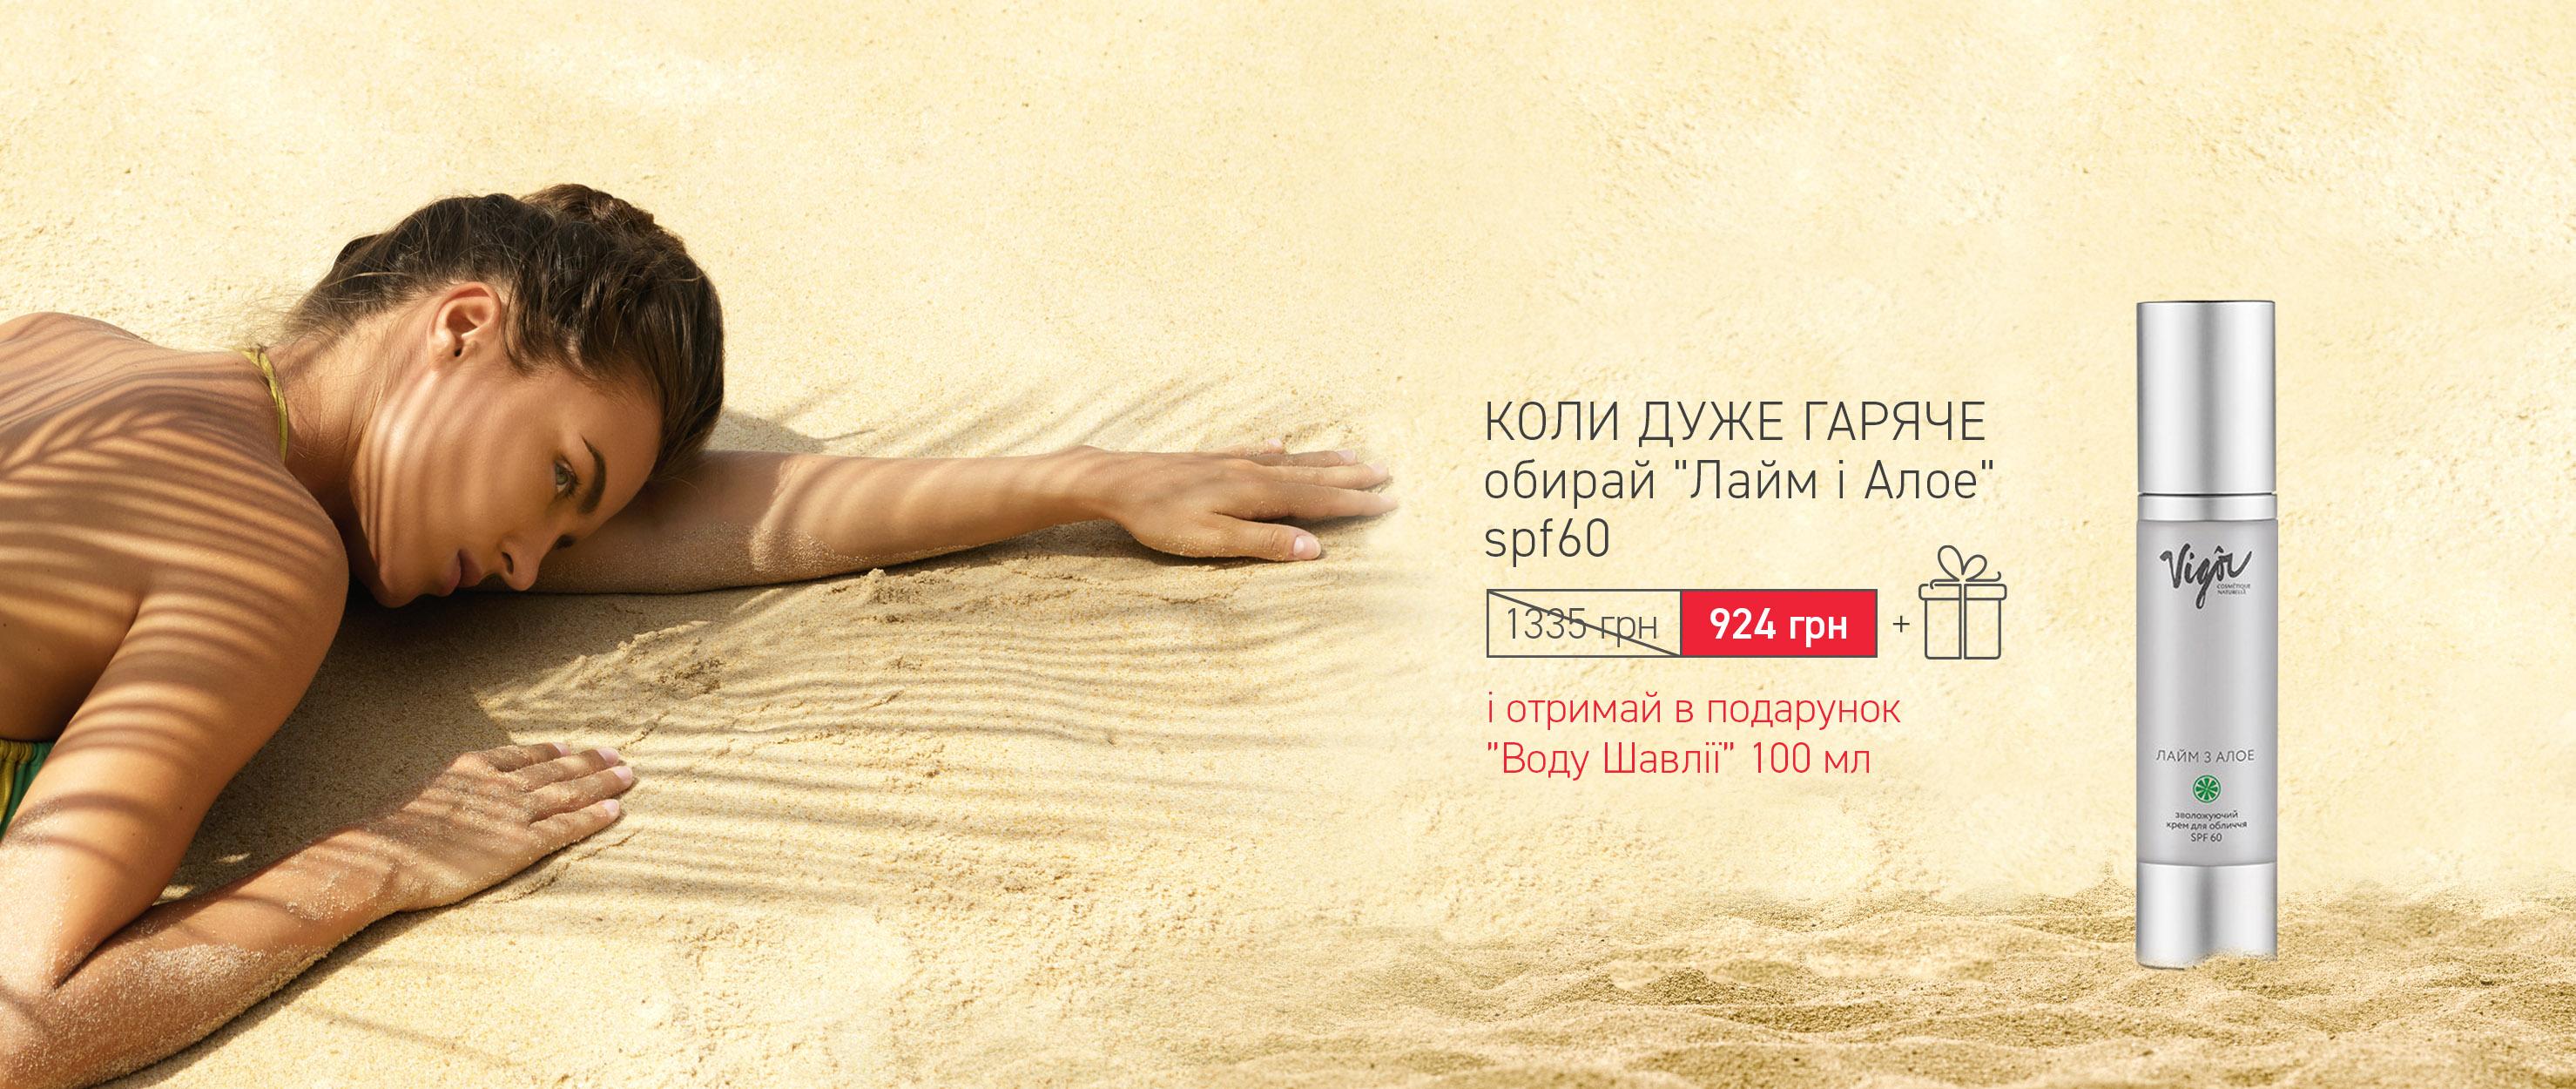 Лето комплекс 60 спф_укр